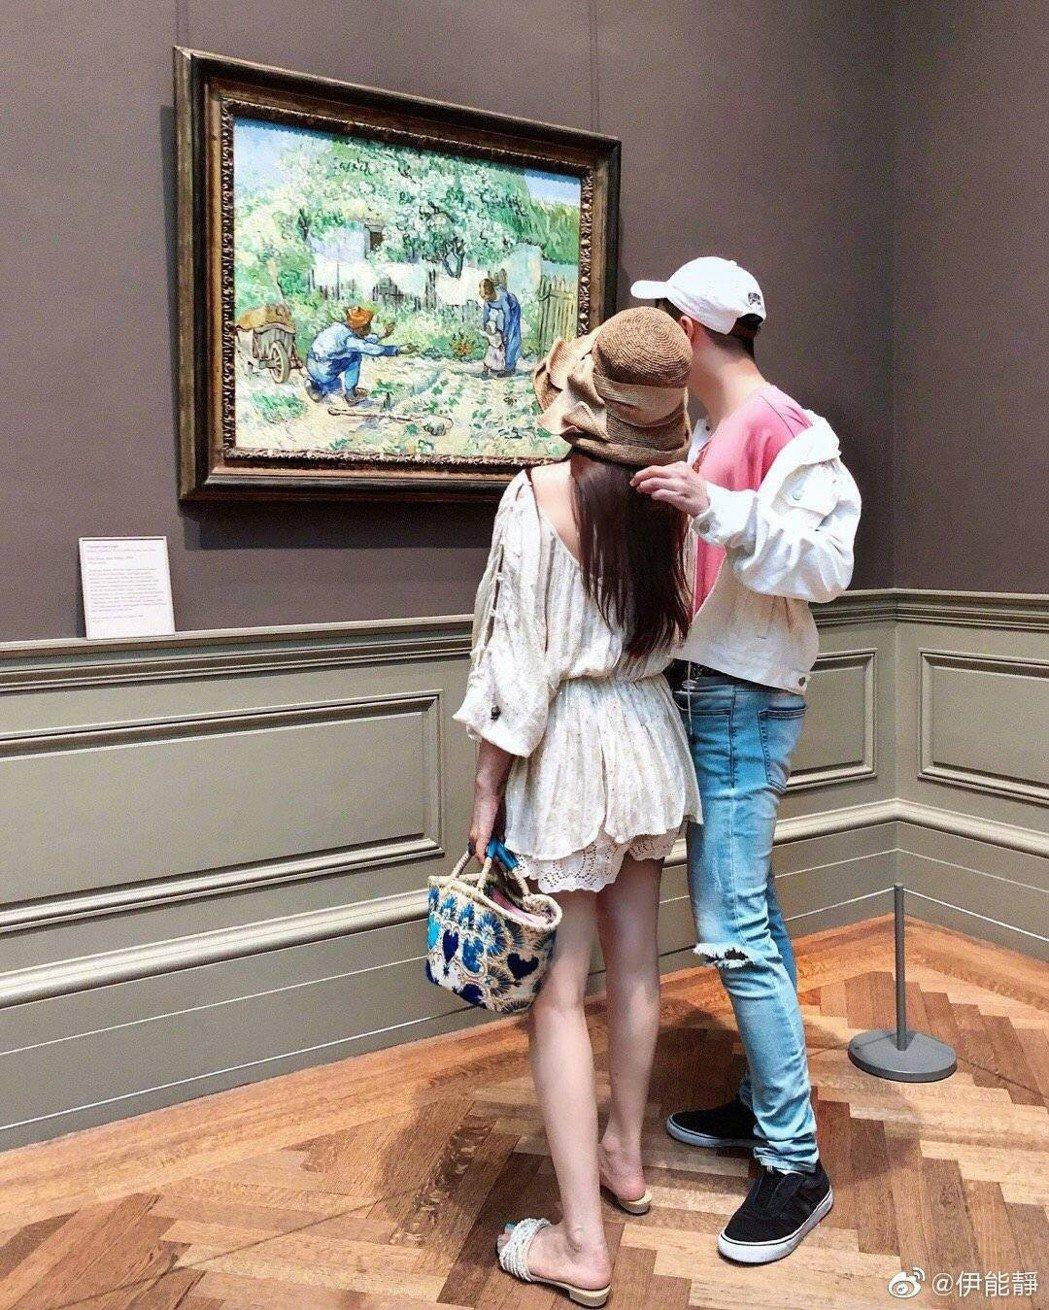 伊能靜曬出和兒子看畫展背影照,凍齡身材、白皙美腿被讚爆。圖/摘自微博